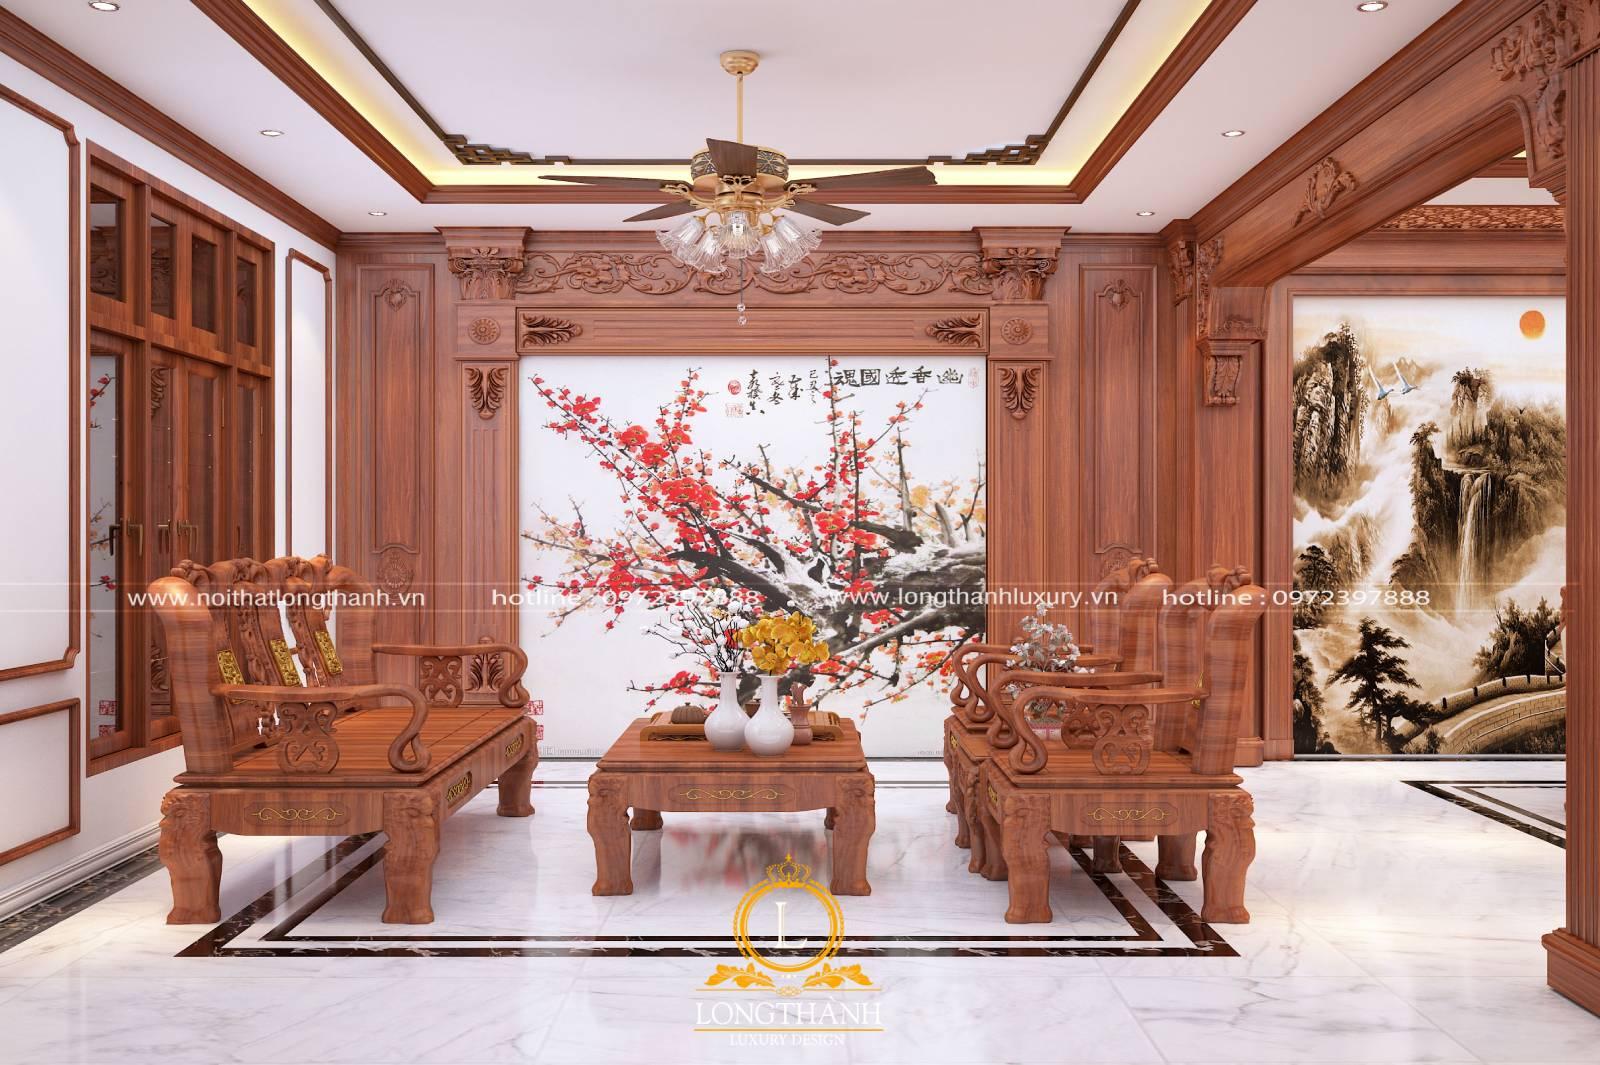 Mẫu sofa gỗ gõ đỏ tân cổ điển Á Đông lịch lãm